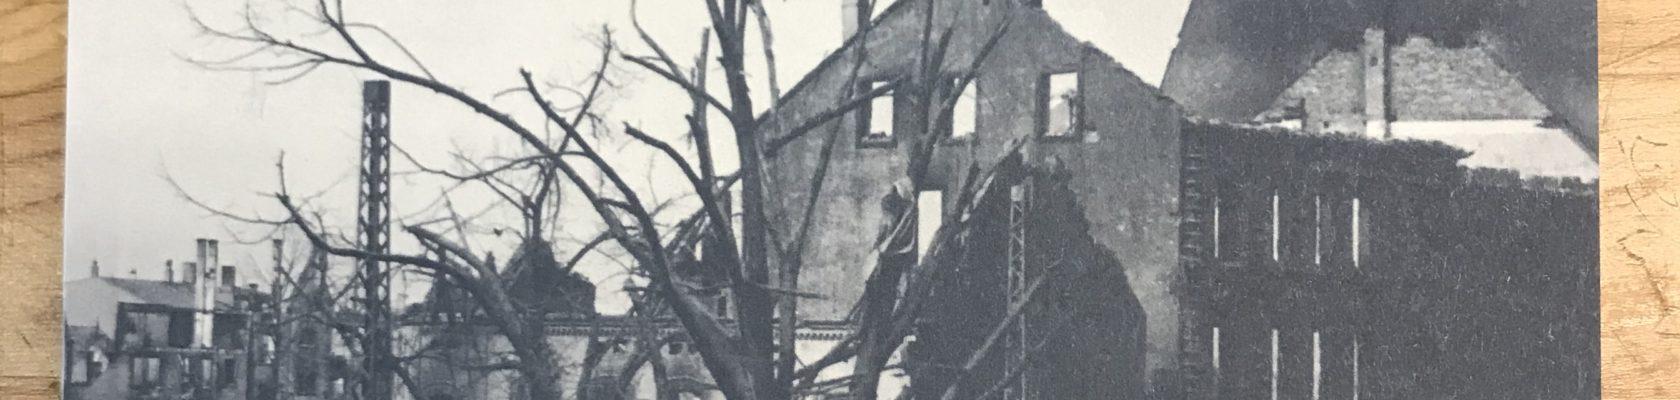 Im Morgengrauen des 18. März 1945 herrschte noch Totenstille